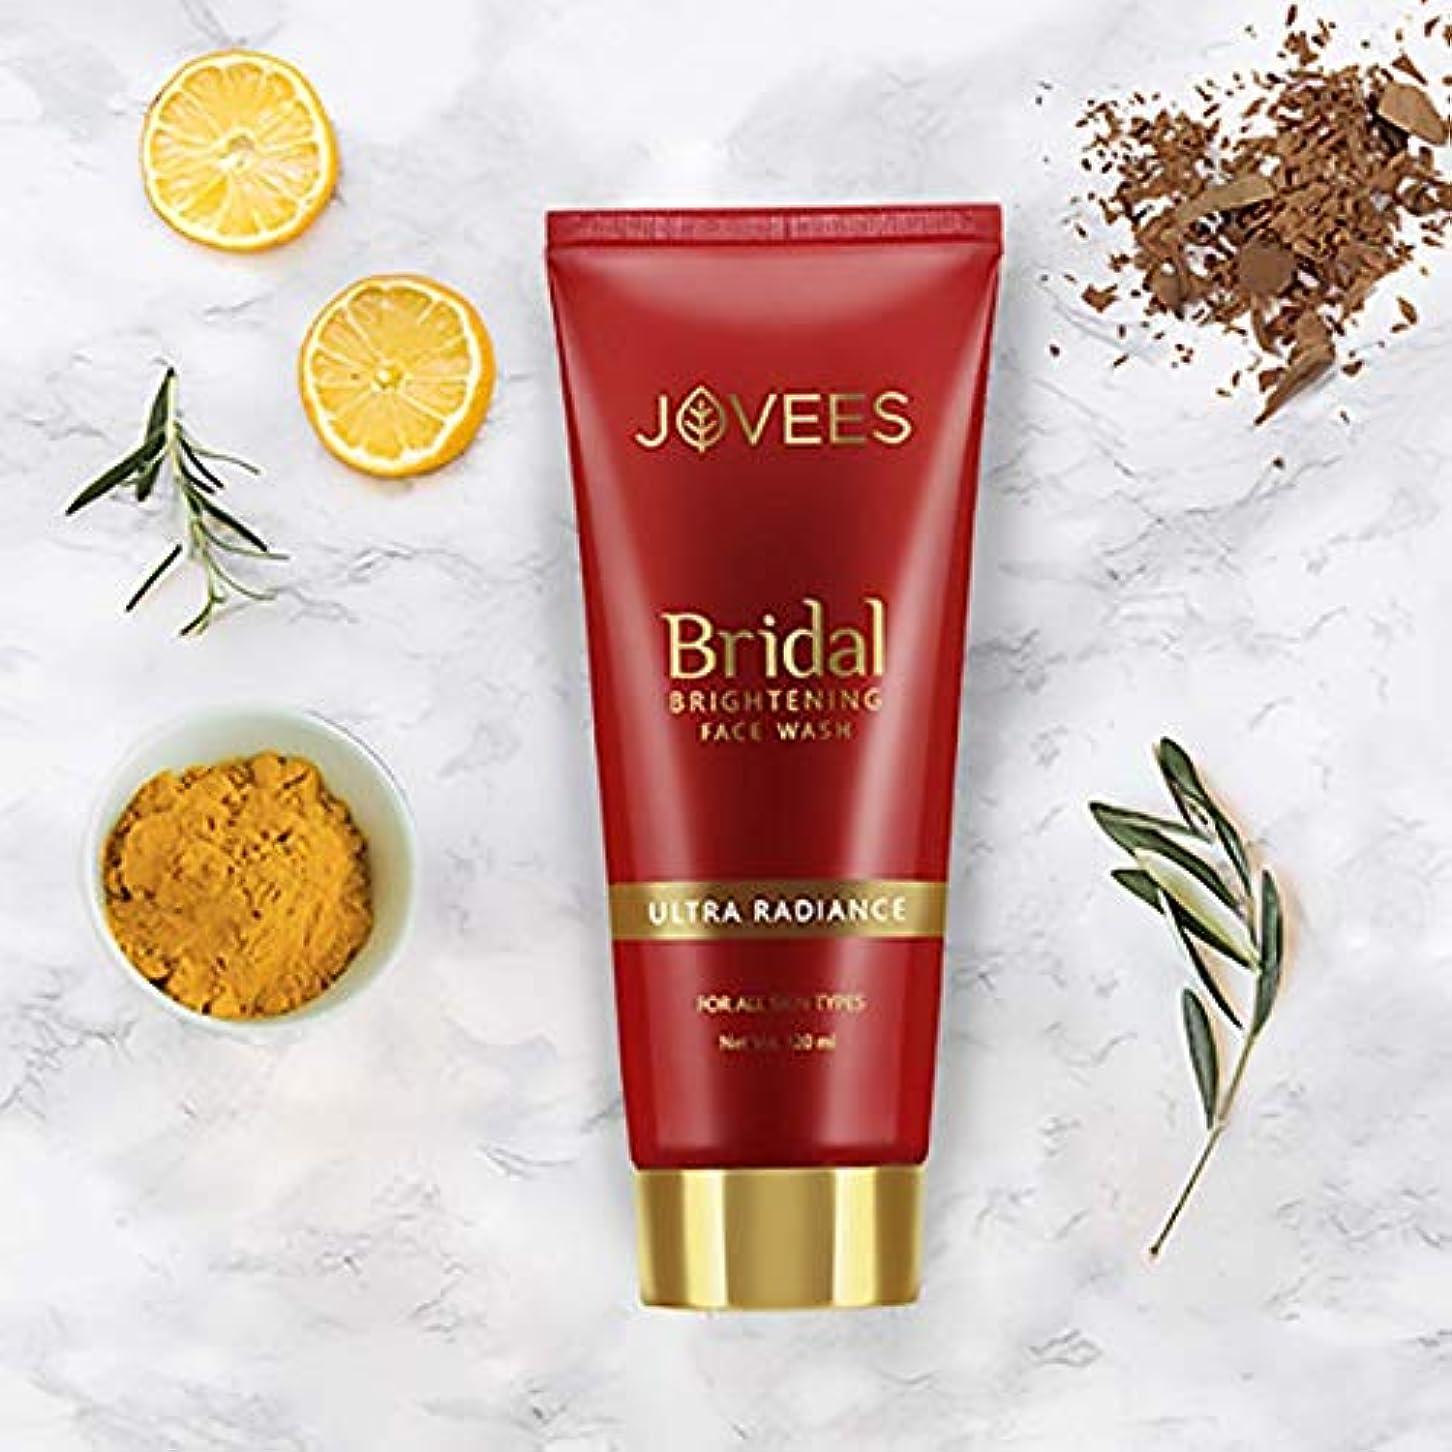 シールド契約したあごJovees Bridal Brightening Face Wash 120ml Ultra Radiance Even & brighter complex